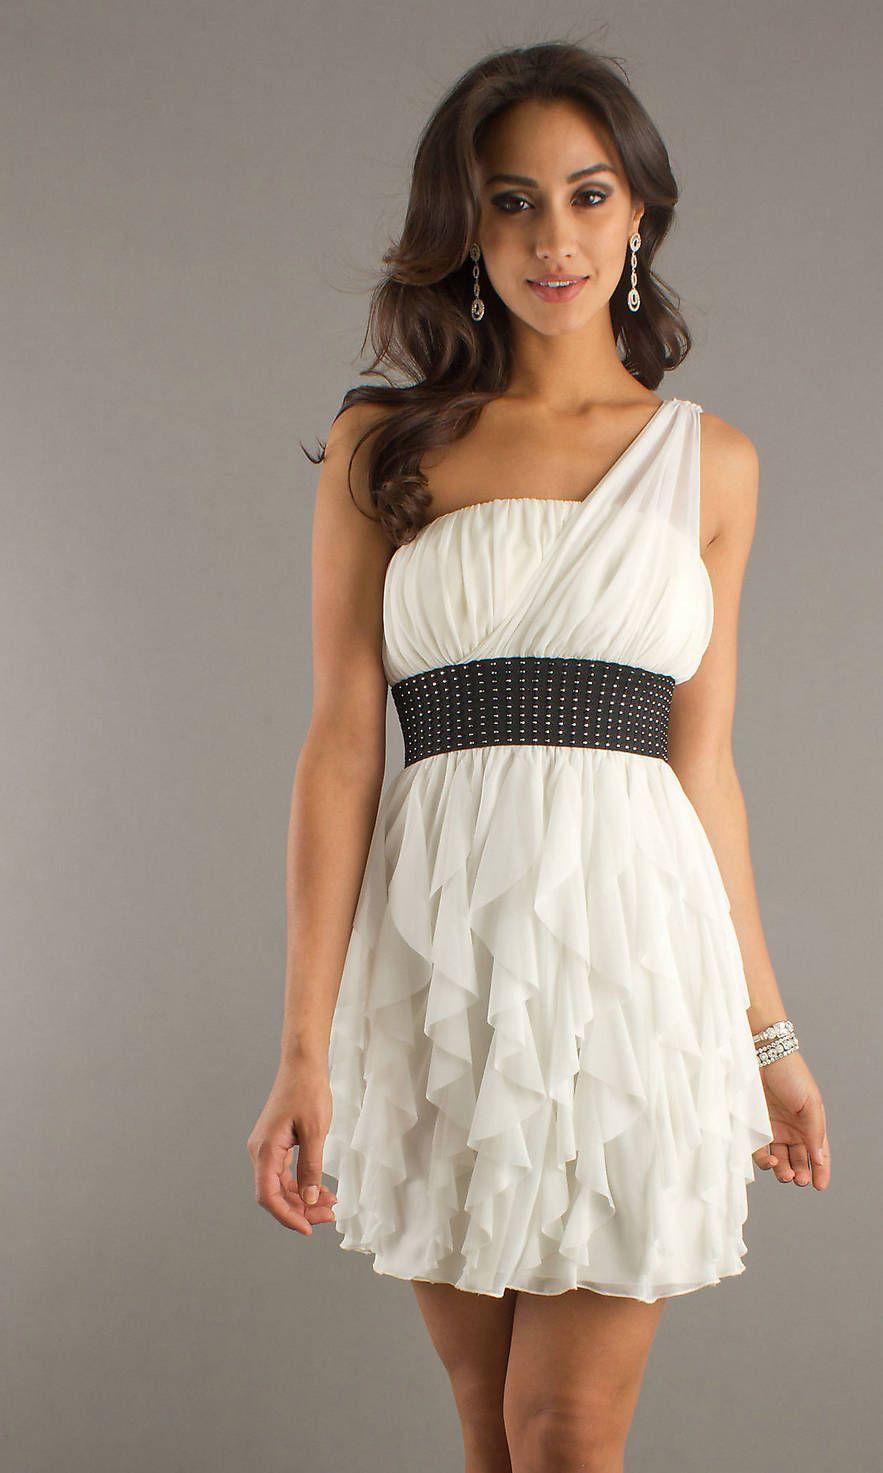 Images of One Shoulder Short Dress - Reikian